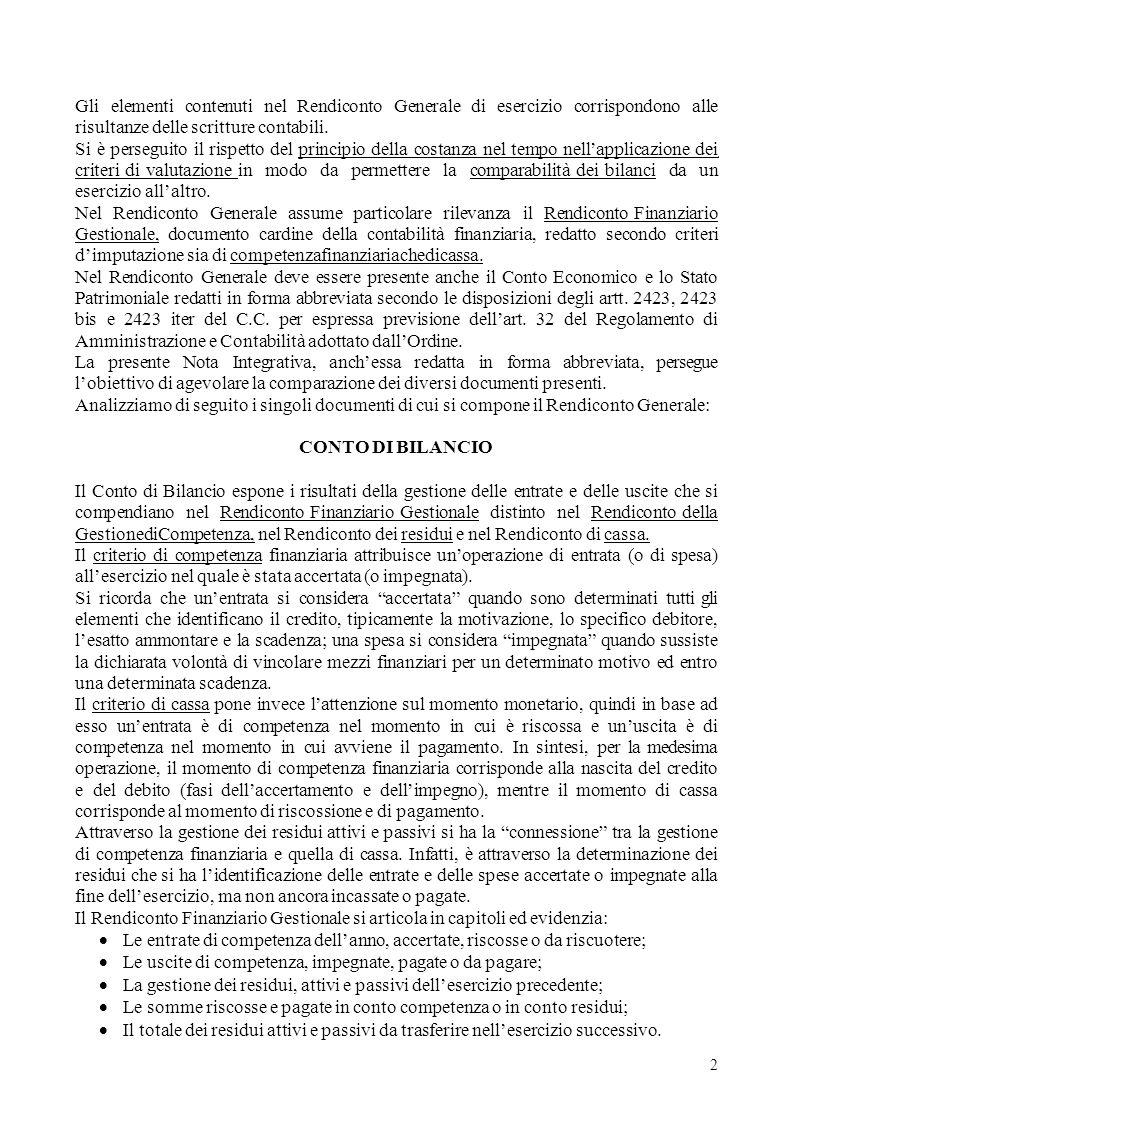 Gli elementi contenuti nel Rendiconto Generale di esercizio corrispondono alle risultanze delle scritture contabili.